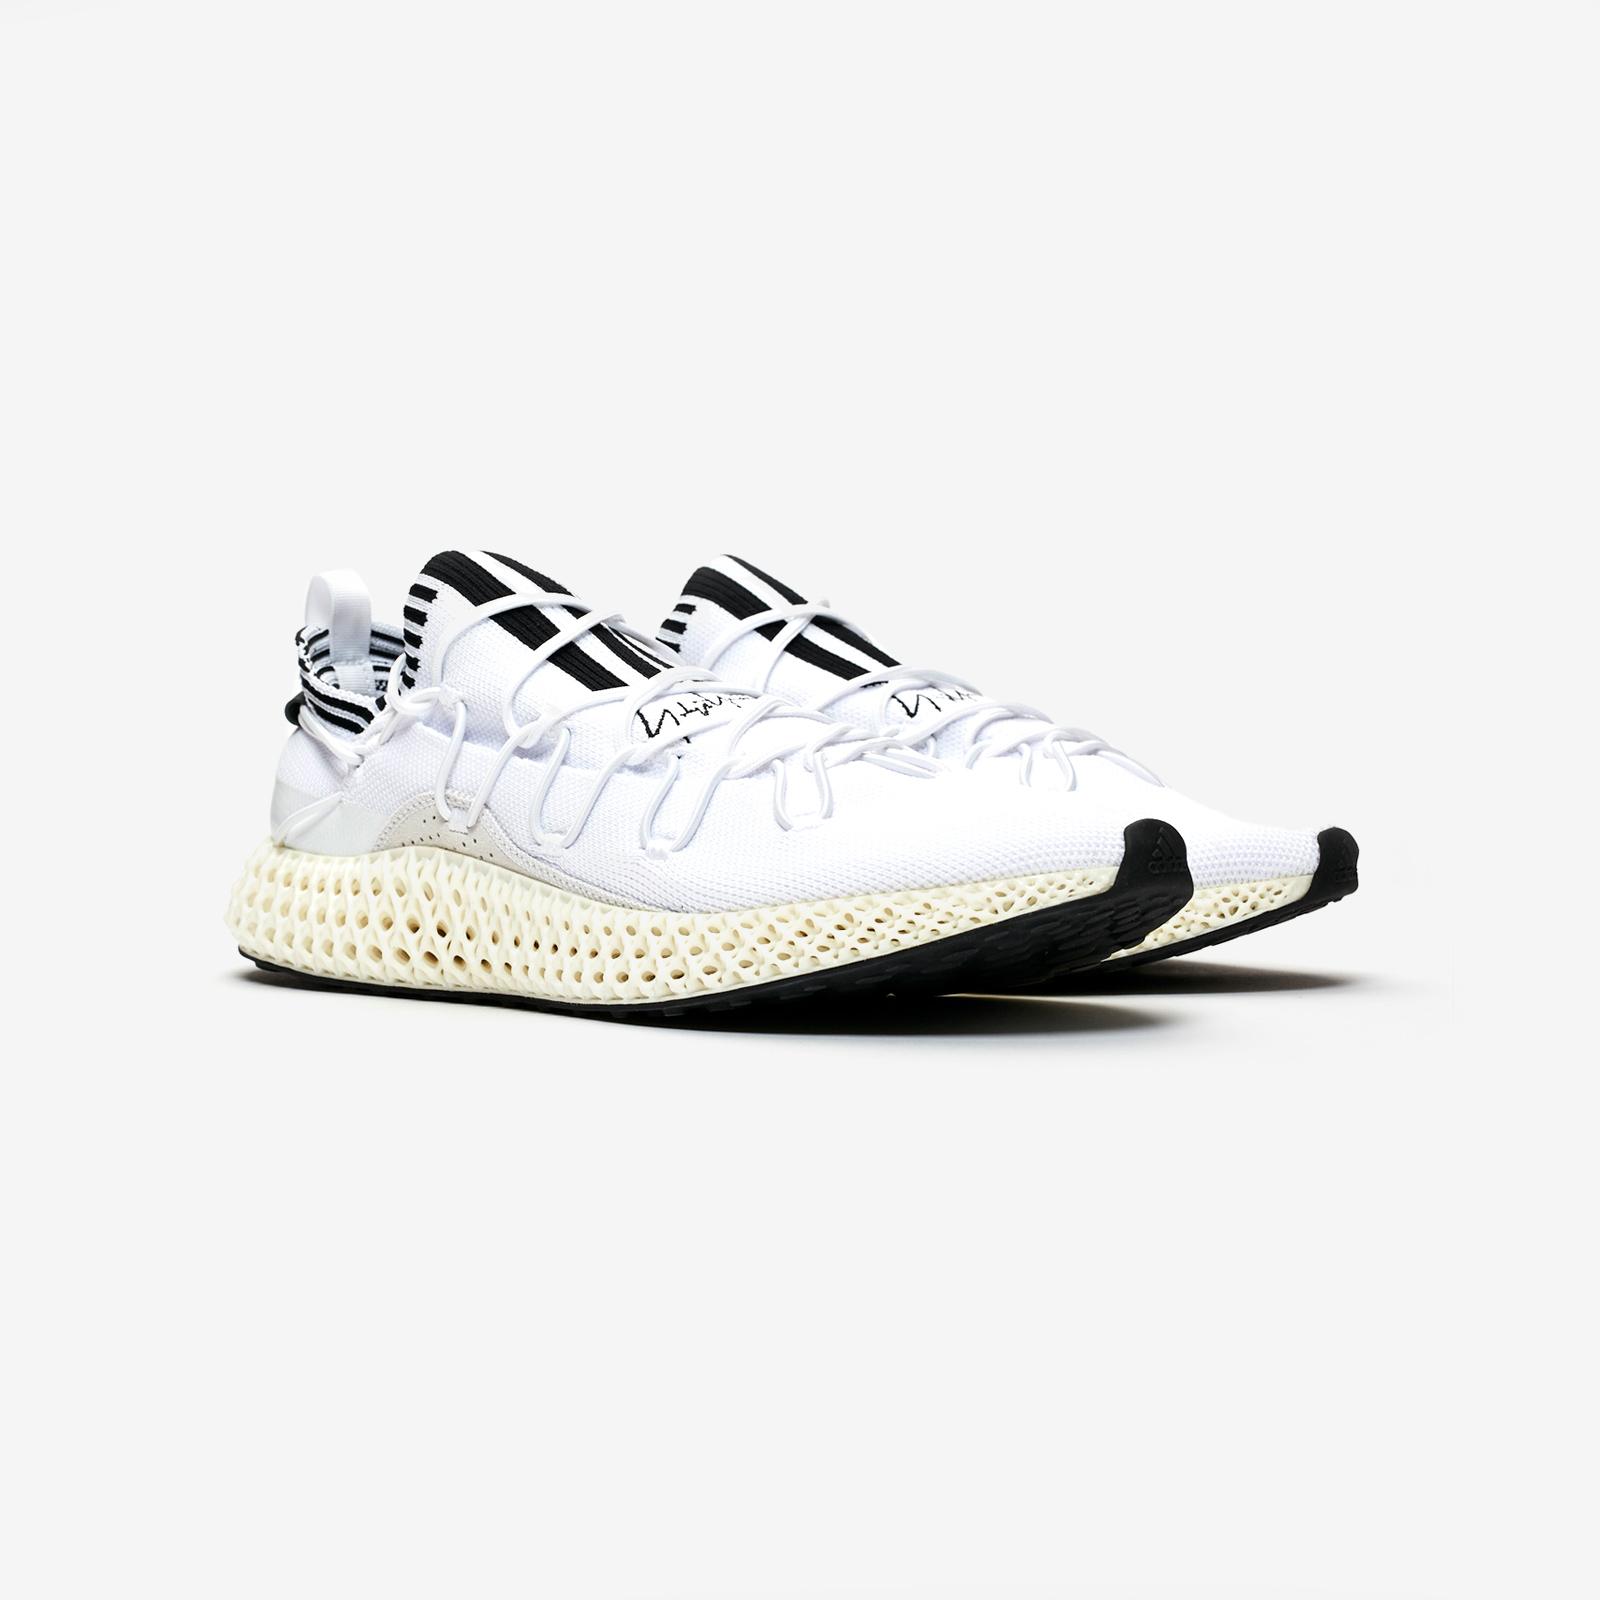 official photos ee979 18ebd adidas Y-3 Runner 4D II - Ef0902 - Sneakersnstuff   sneakers   streetwear  online since 1999